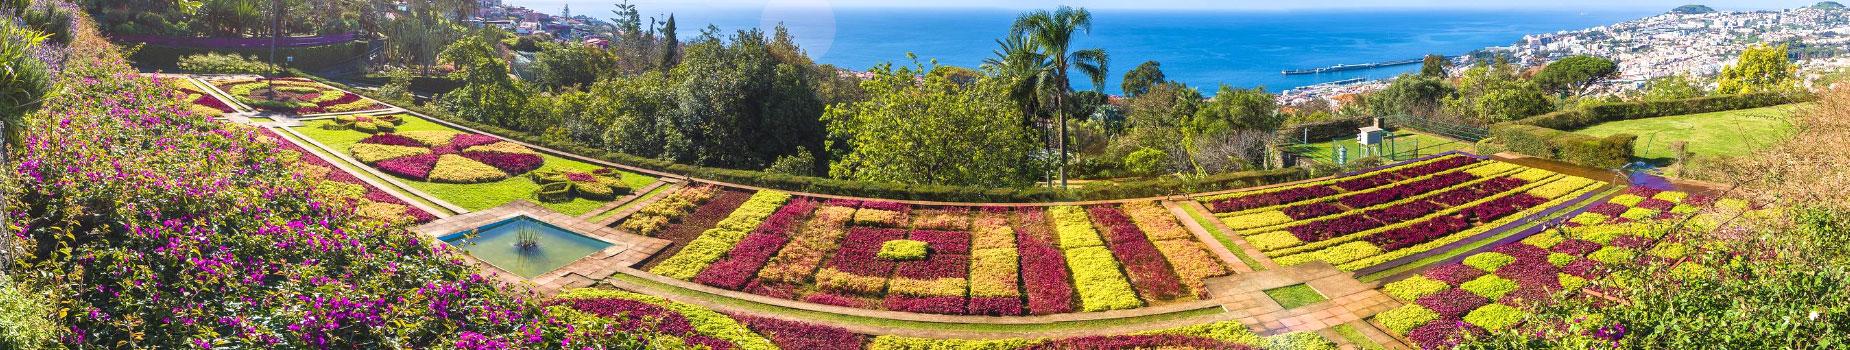 Vlieg busreis Madeira